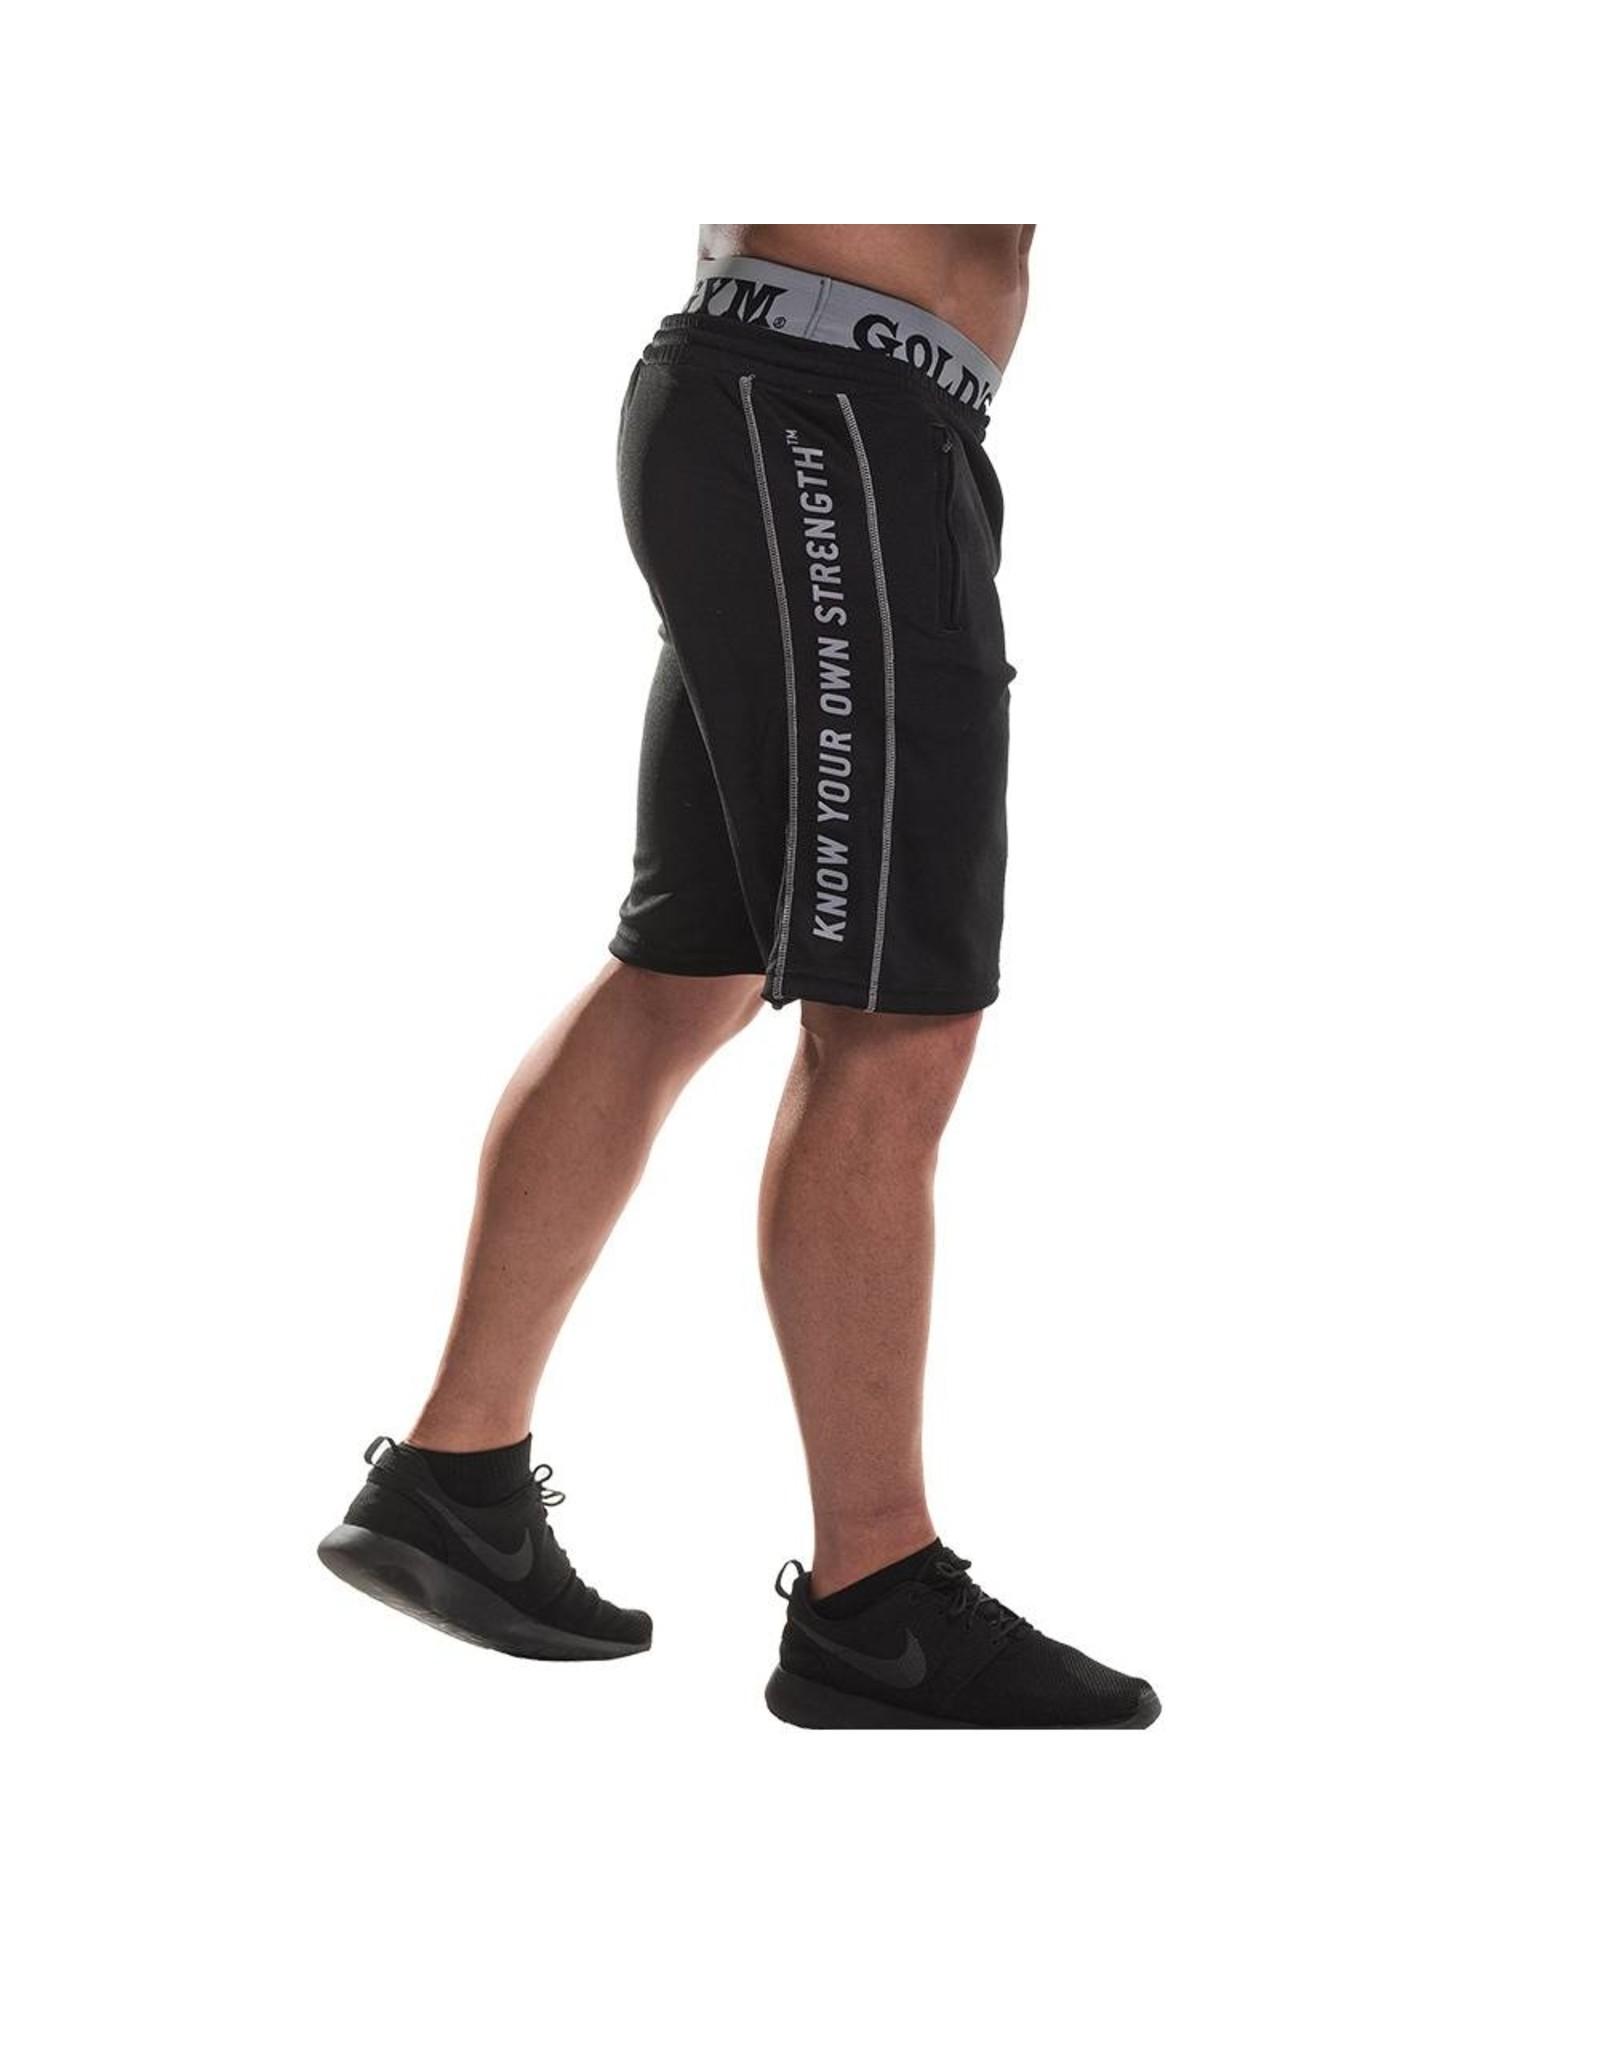 Gold's Gym Vintage Shorts - Black